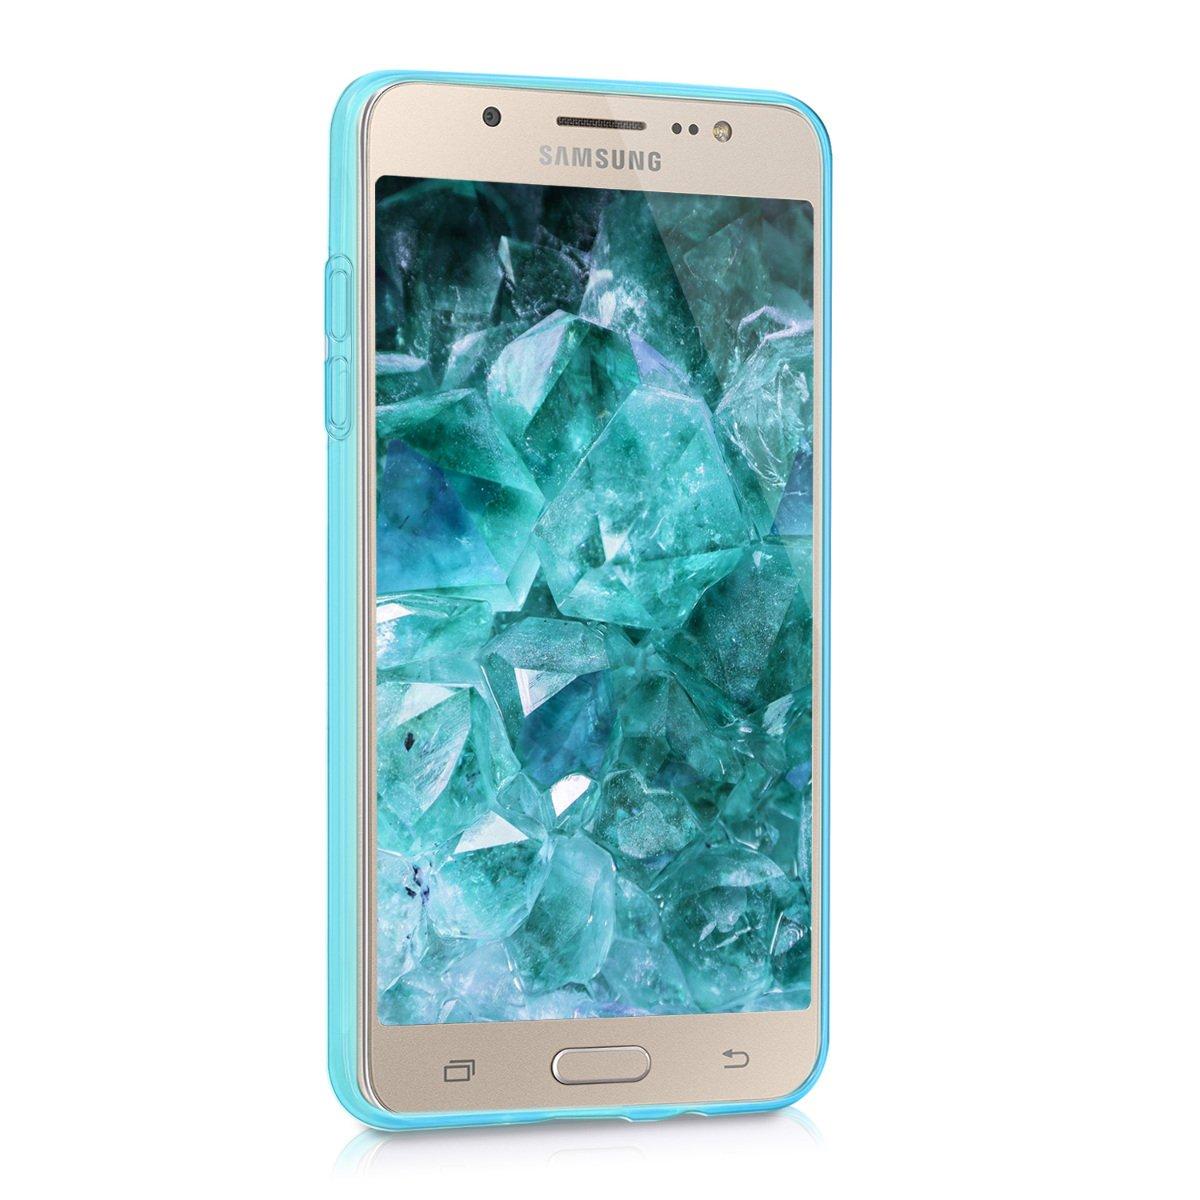 kwmobile Funda para Samsung Galaxy J5 (2016) DUOS - Carcasa Protectora de [TPU] para móvil - Cover [Trasero] en [Azul]